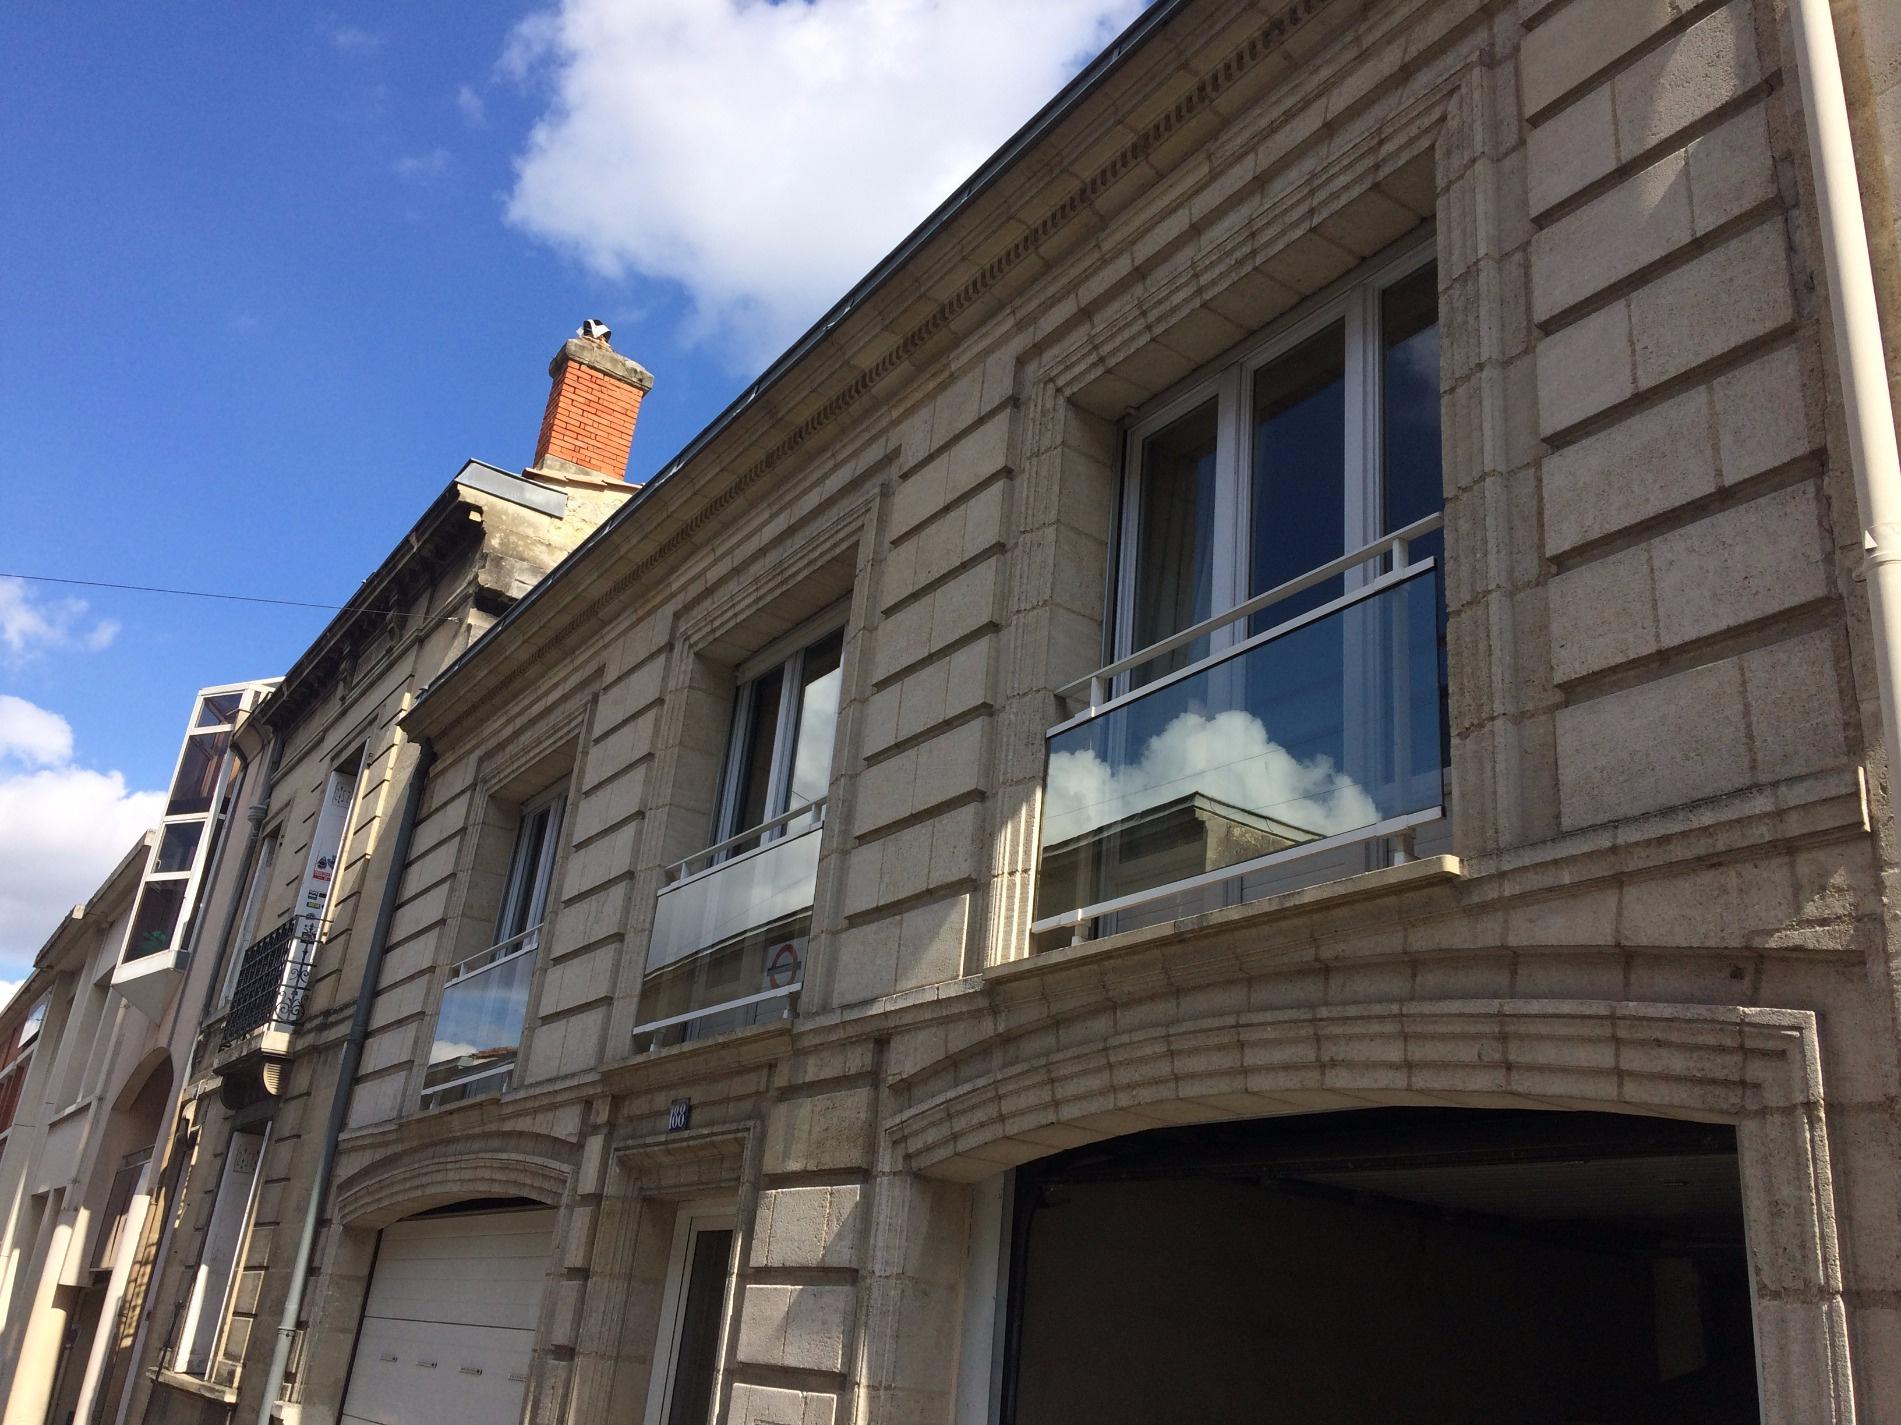 Vente maison bordeaux avec la bordelaise de l 39 immobilier for Maison bordeaux